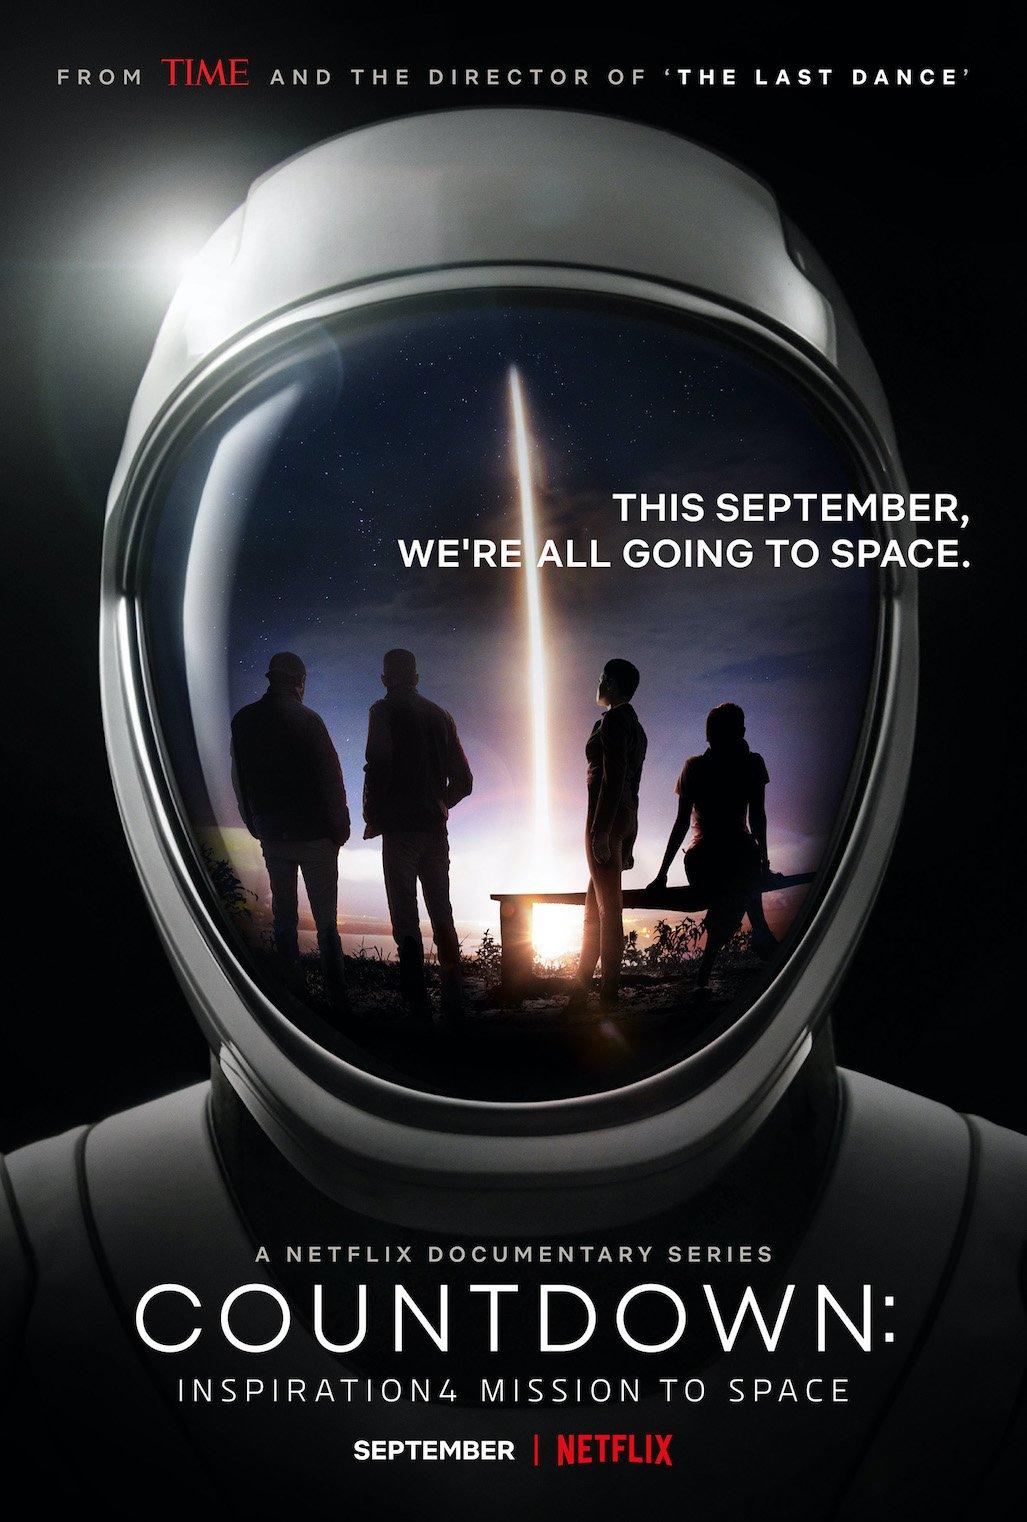 affiche mission spaceX Netflix